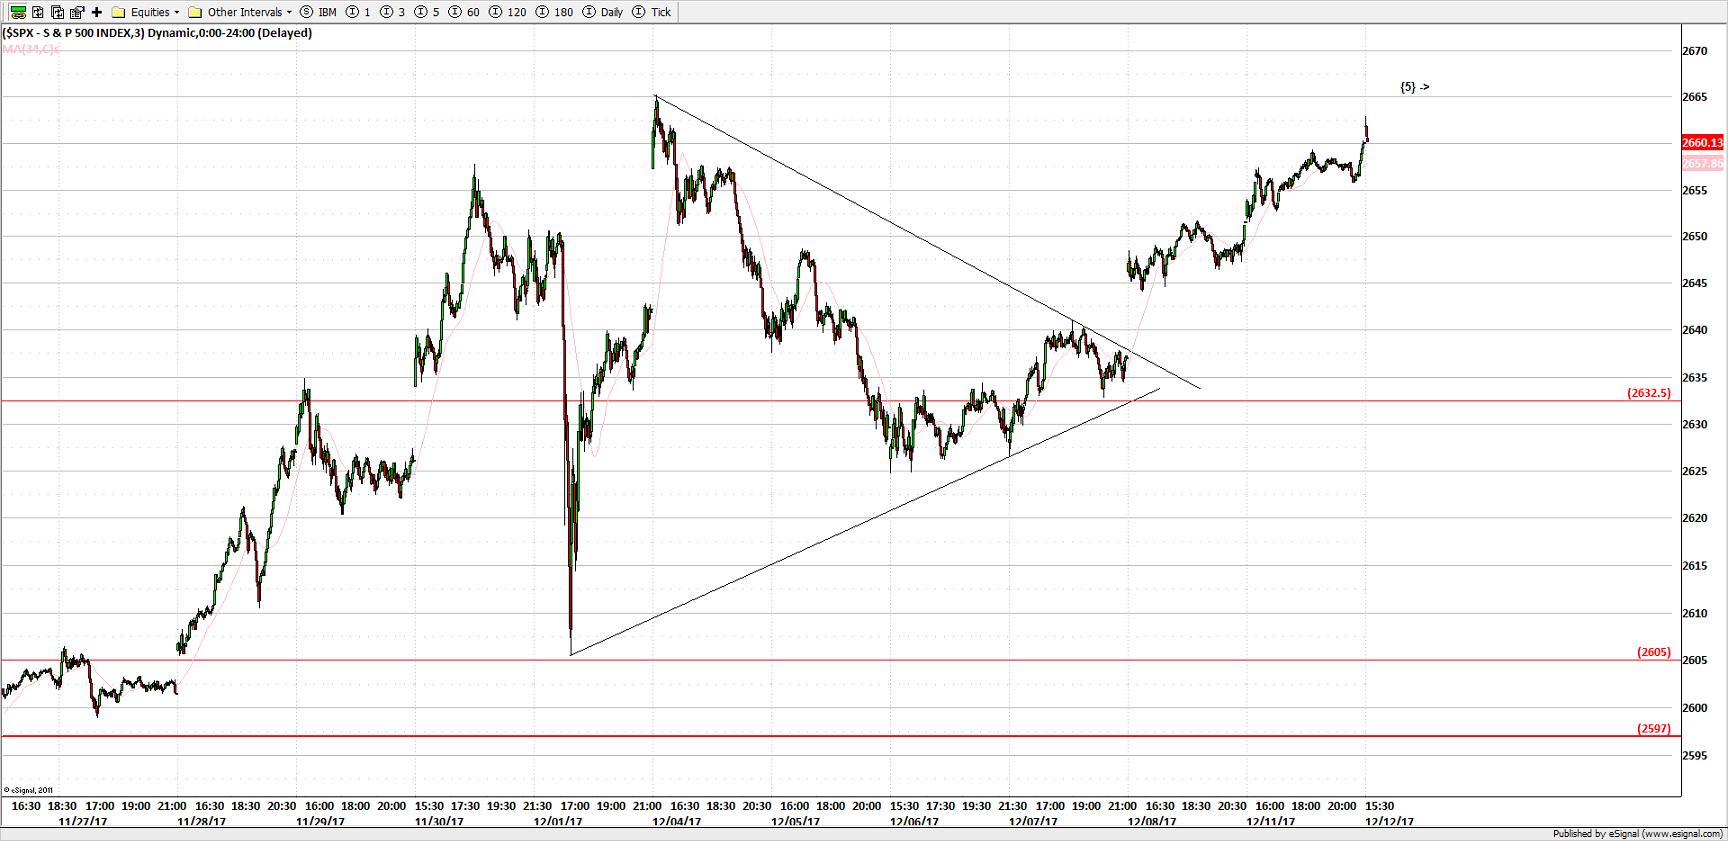 S&P 500 3 MIN